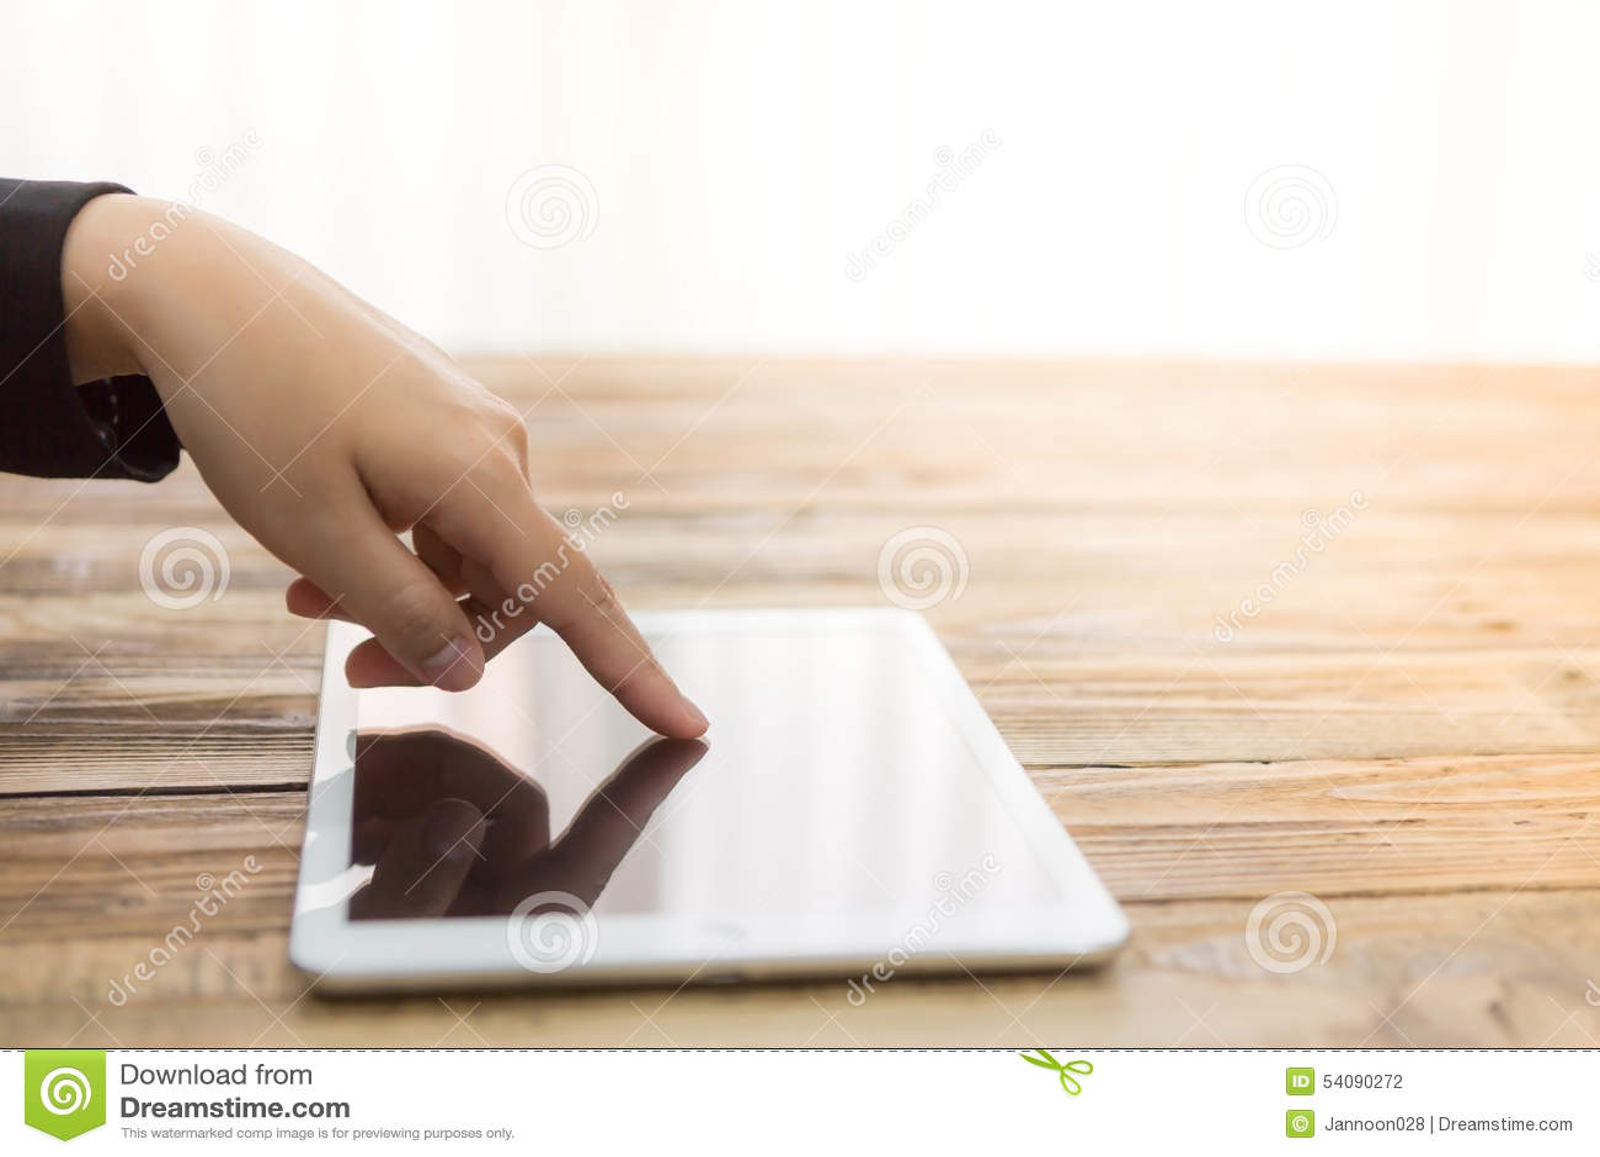 De witte tablet vrouwen van de bedrijfshandaanraking